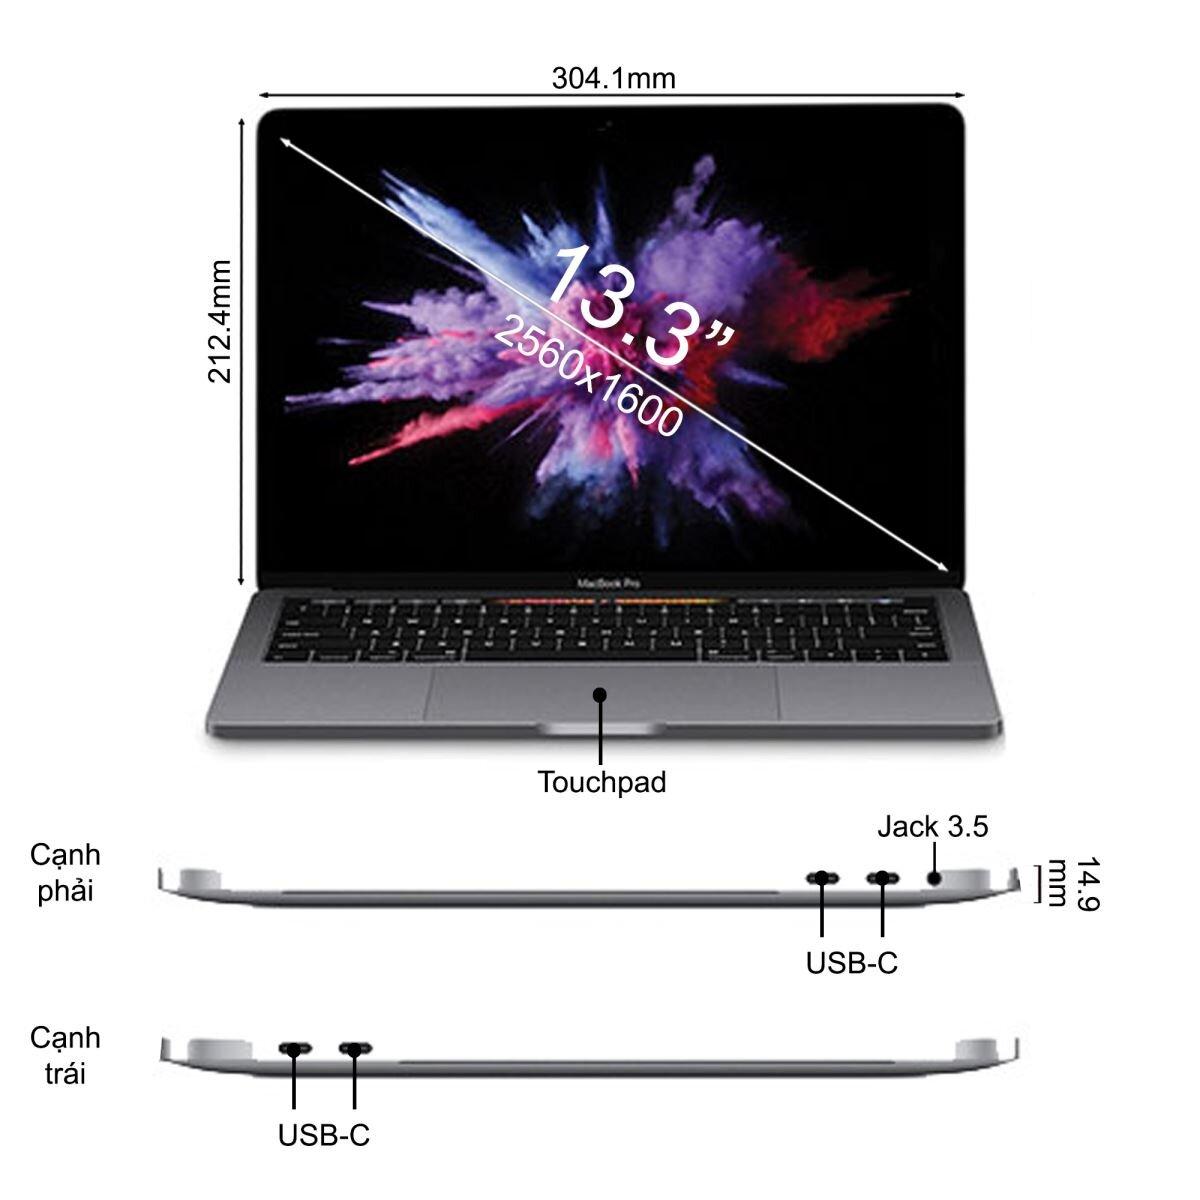 Macbook nay đã có thêm thanh cảm ứng Touch Bar cực tiện lợi